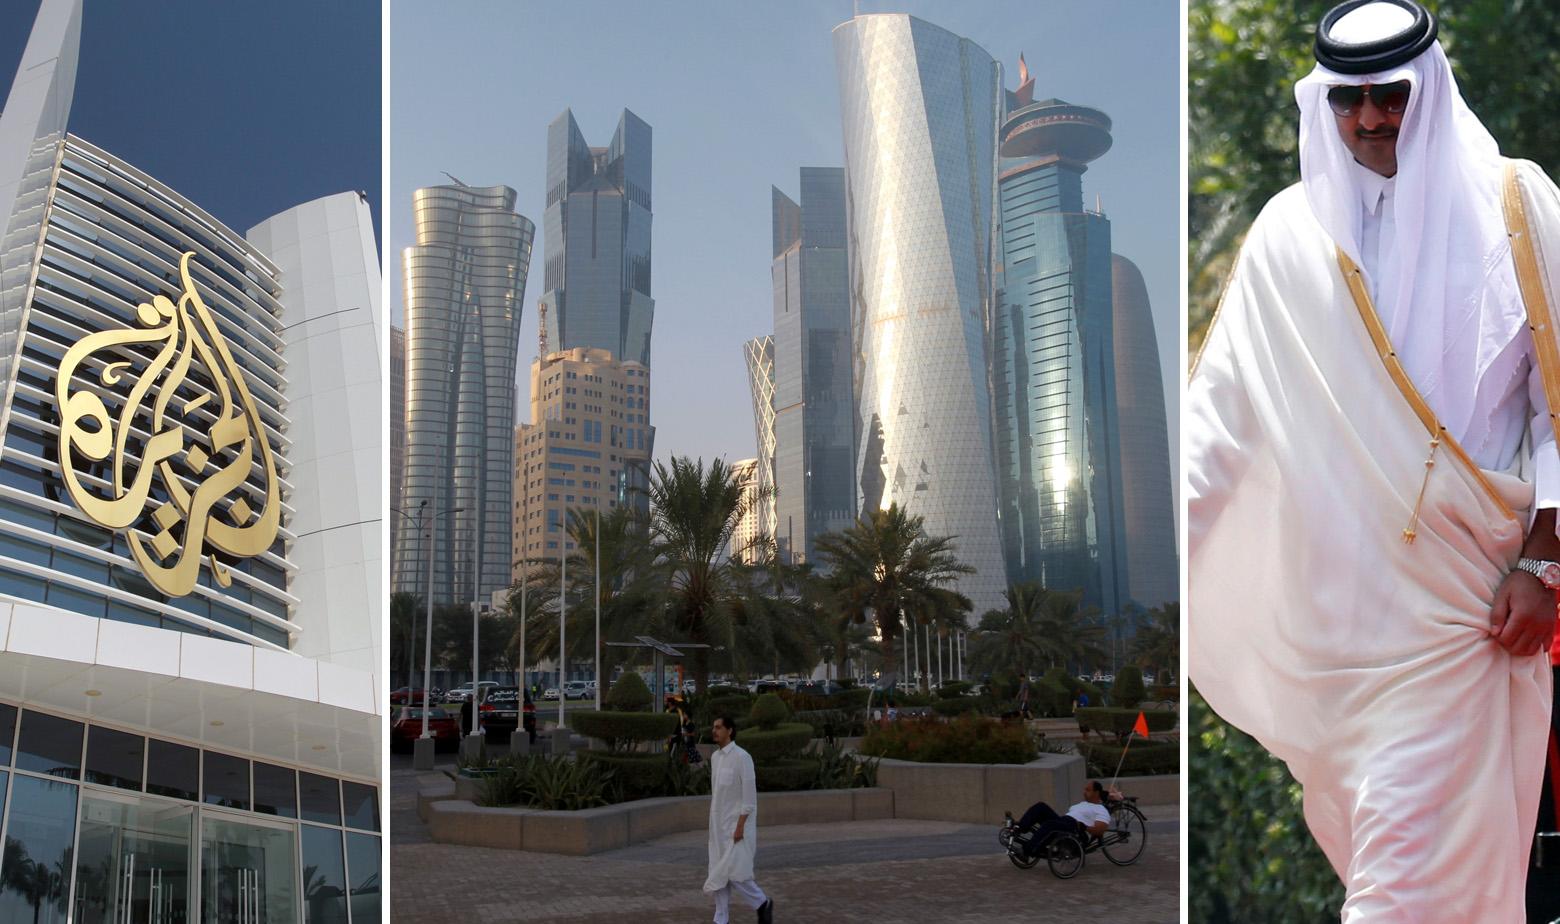 Zgrada Al Jazeere, Doha i emir Tamim bin Hamad Al Thani